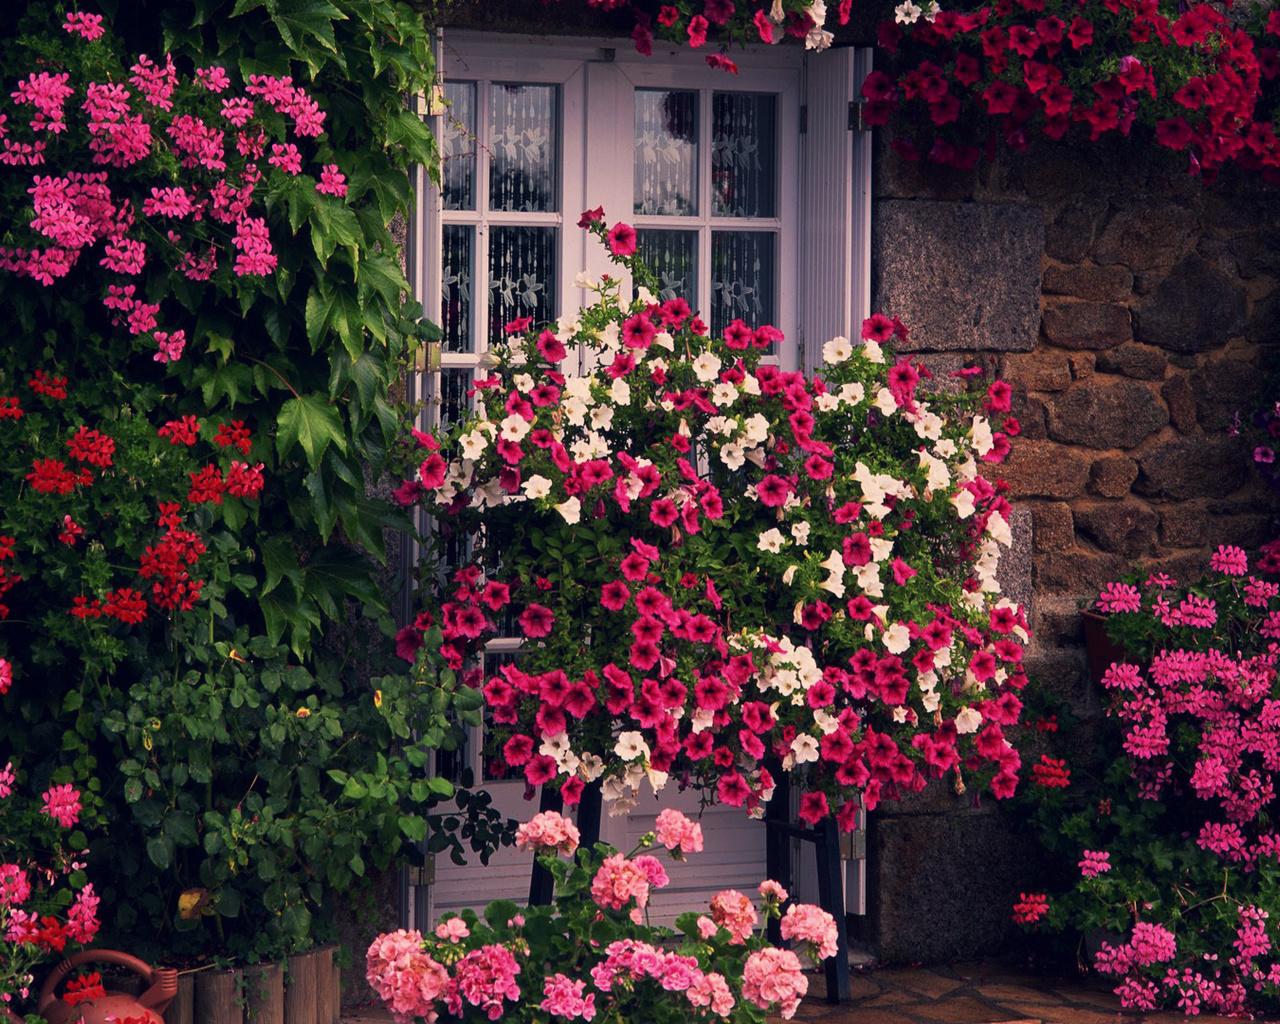 зелень, Цветы, дом, дверь, стена